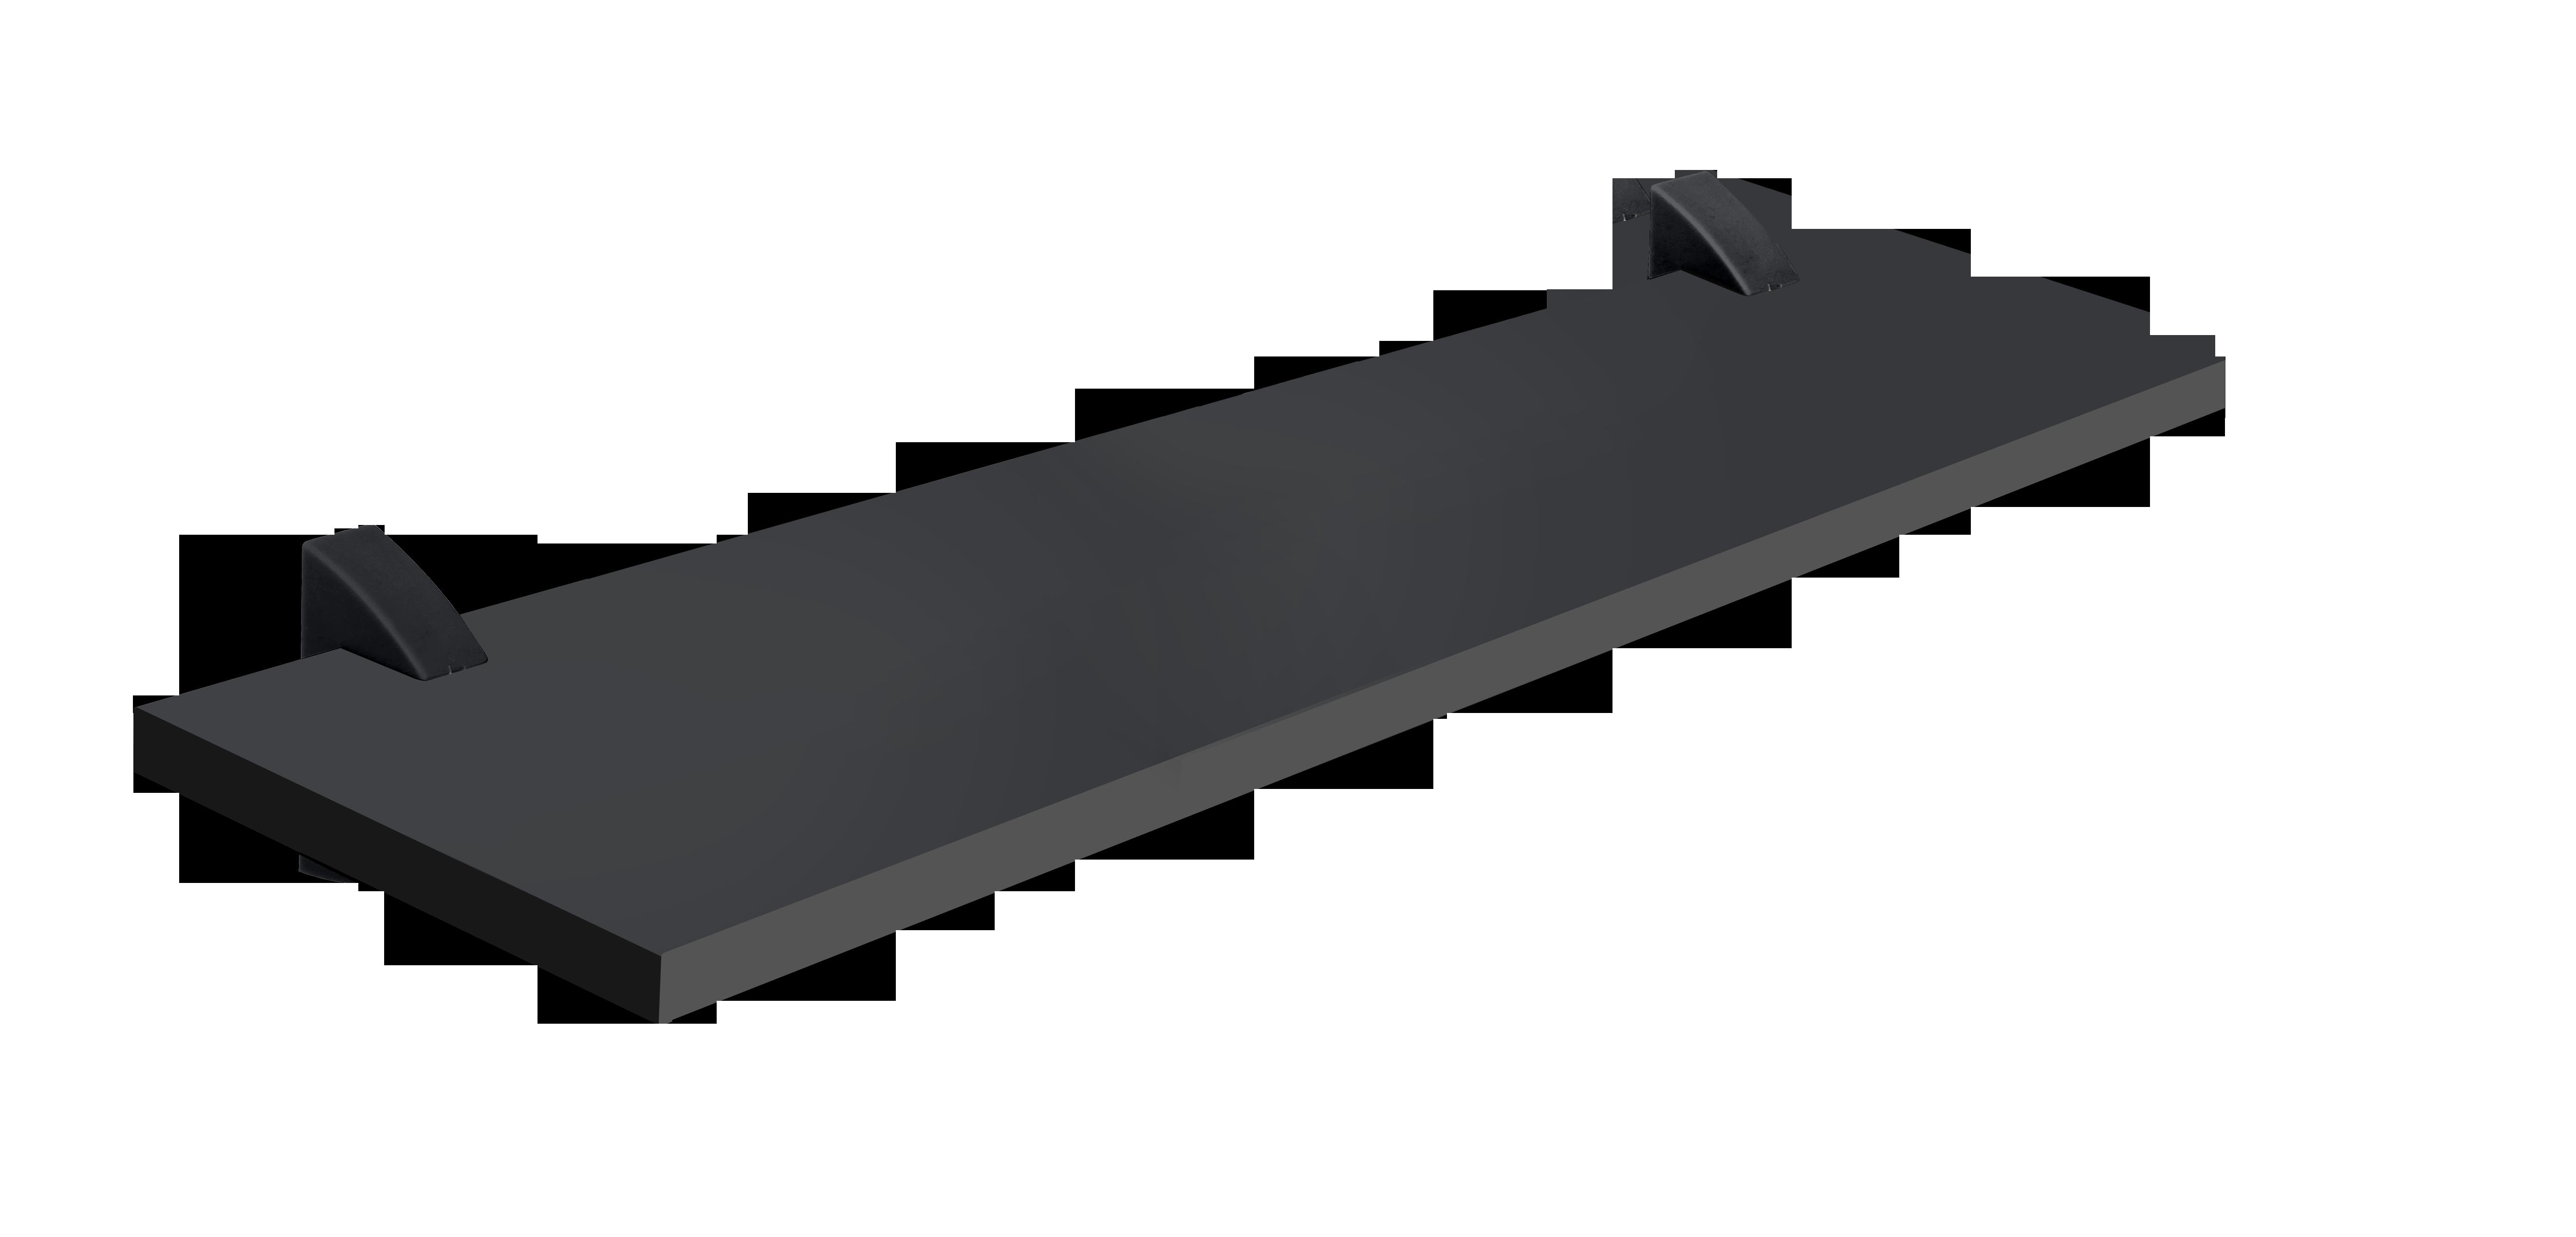 Repisa con soporte de 60cm x 20cm x 1.5cm negro con capacidad de 20 kilogramos p